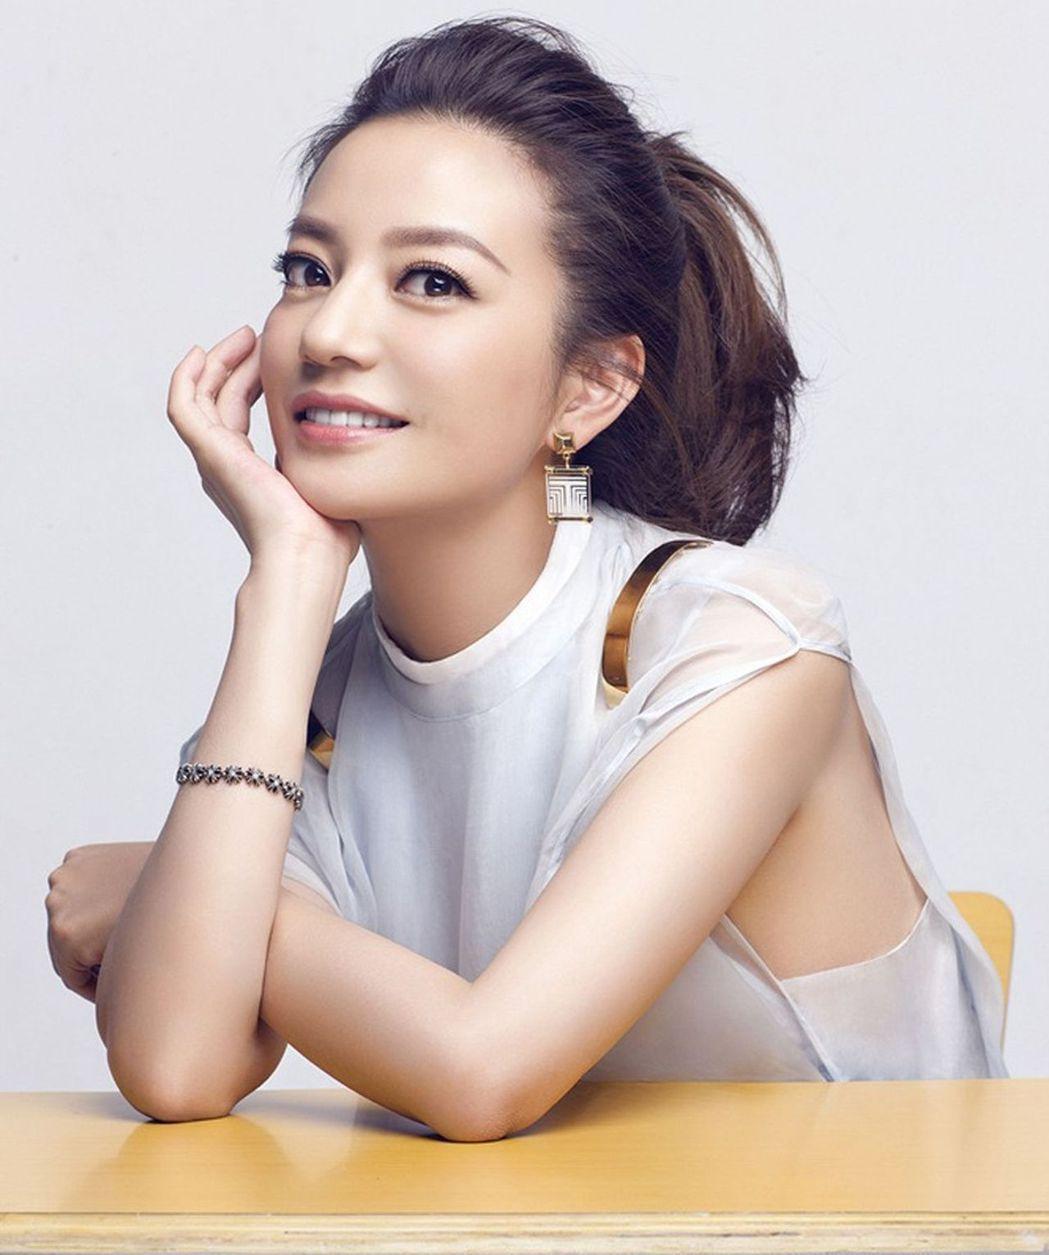 趙薇的導演處女作「致青春」開啟中國大陸青春電影熱。圖/摘自微博